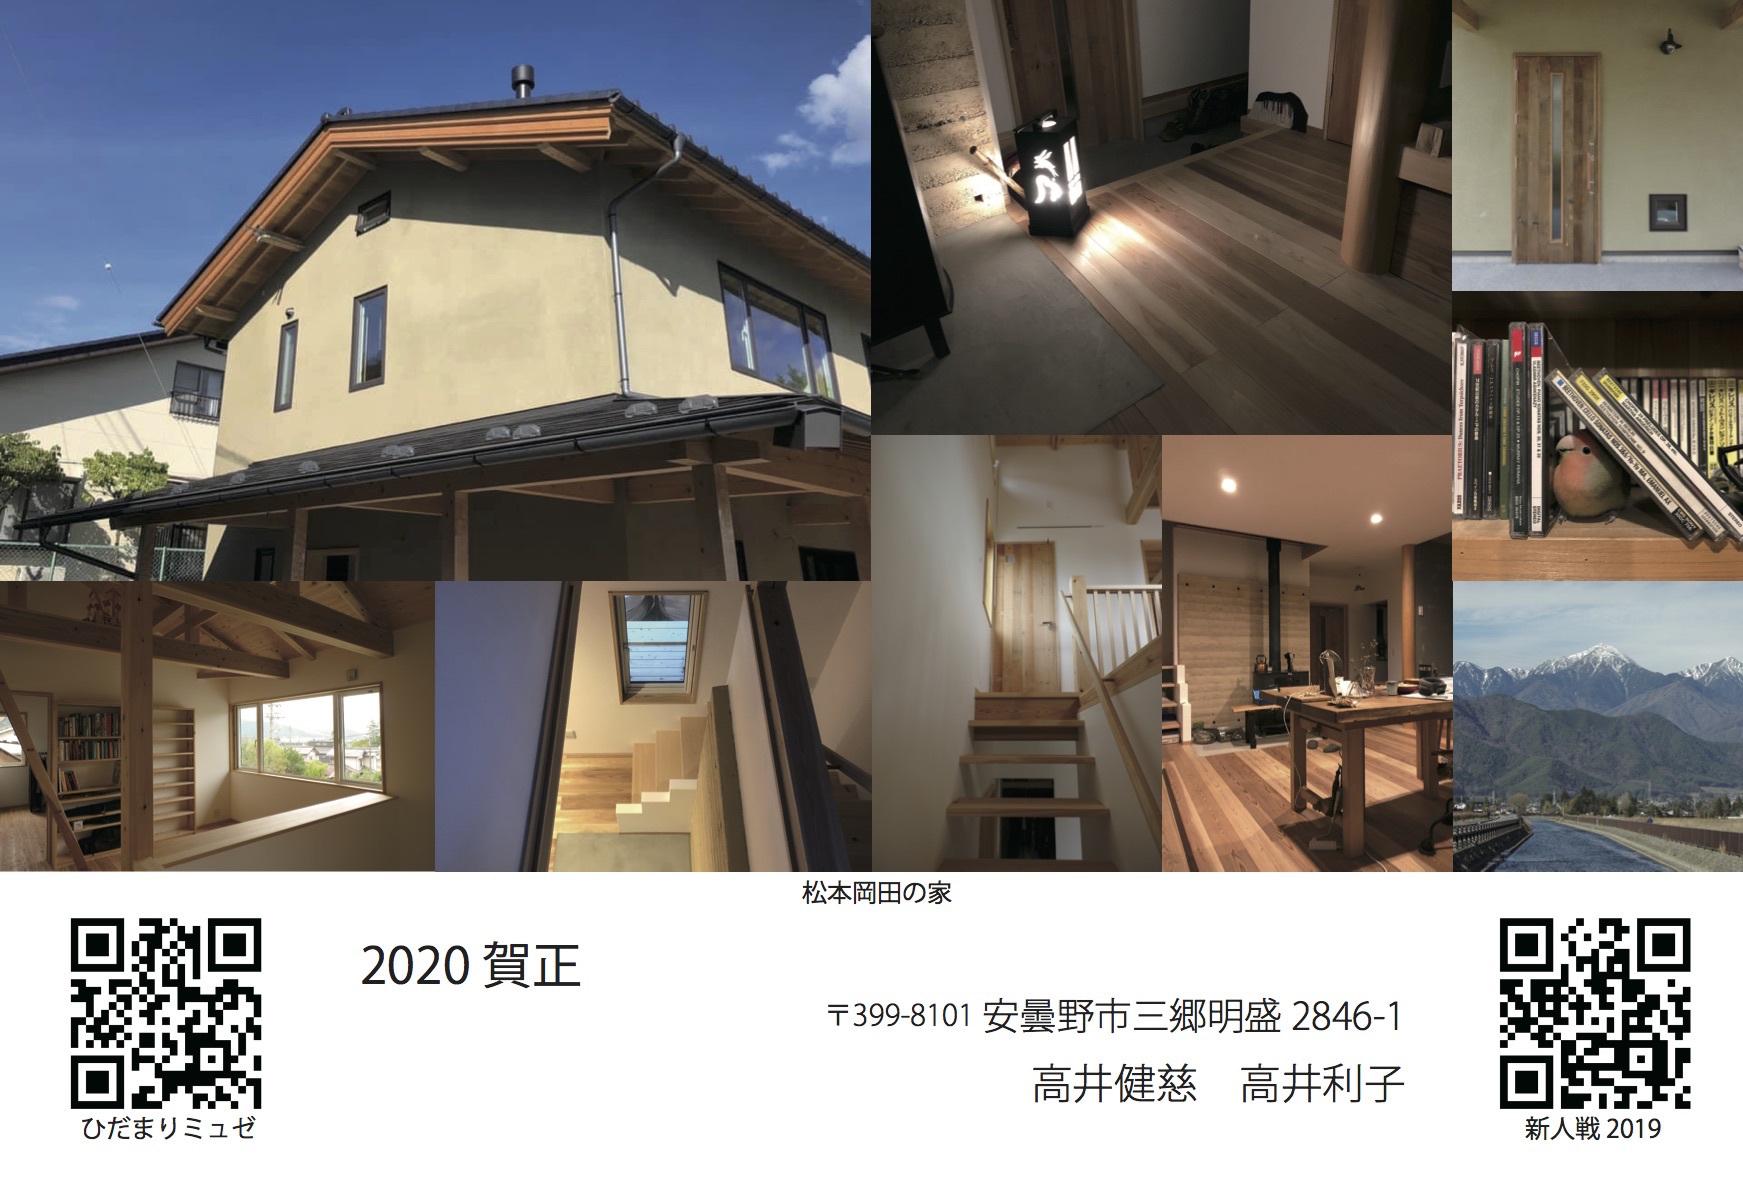 2020 謹賀新年_b0024611_10590248.jpg